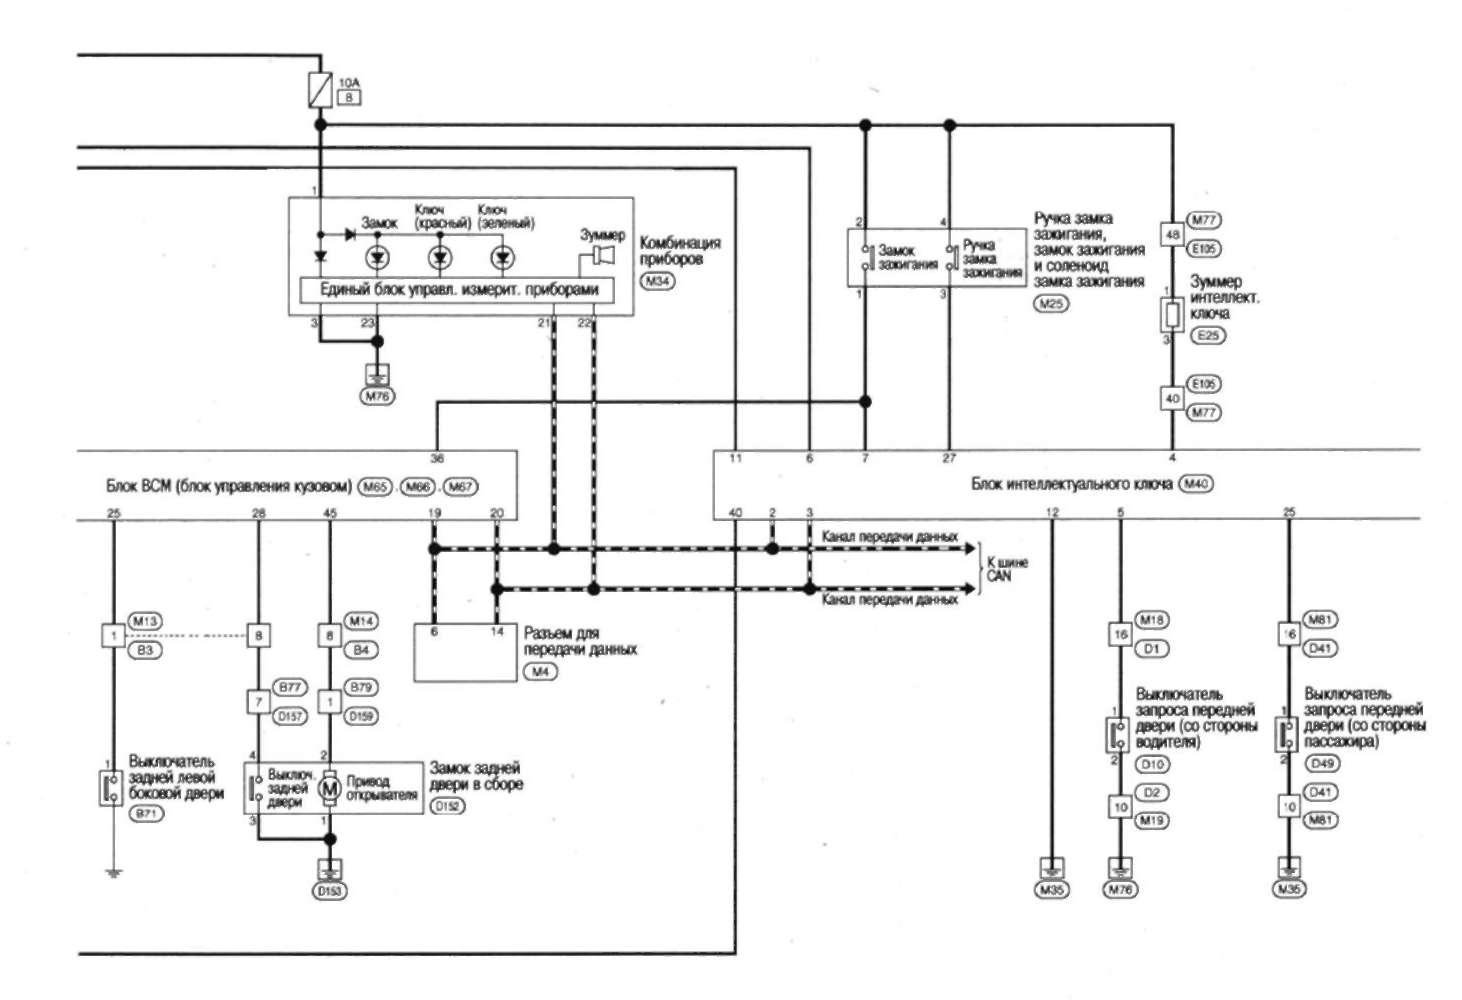 16.19.3 Схема электрических соединений - система управления интеллектуальным ключом